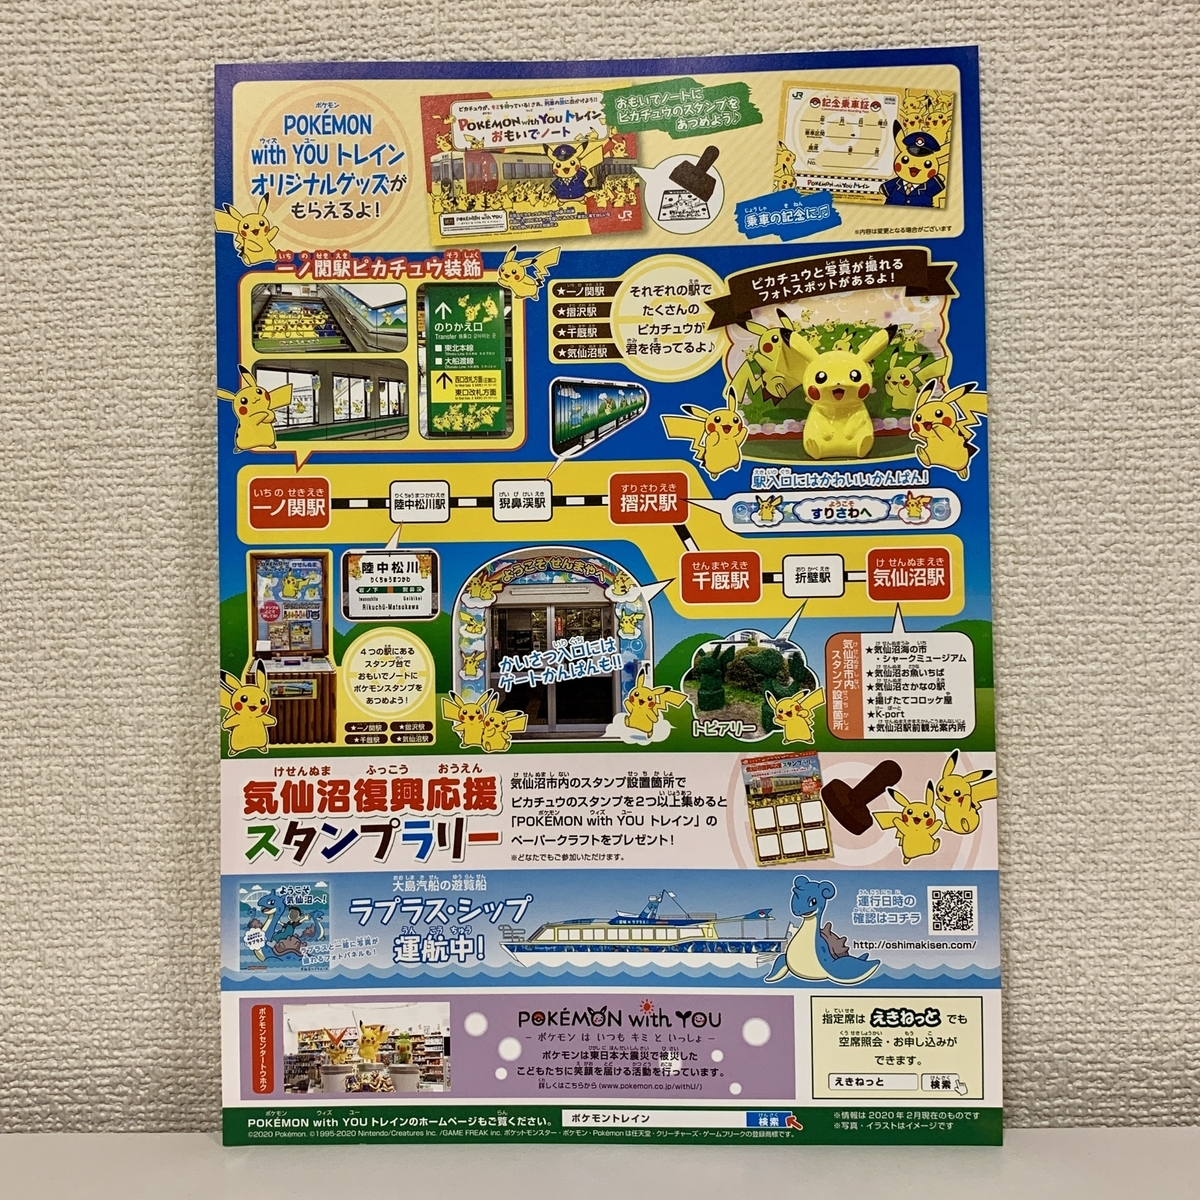 f:id:pikachu_pcn:20200716211805j:plain